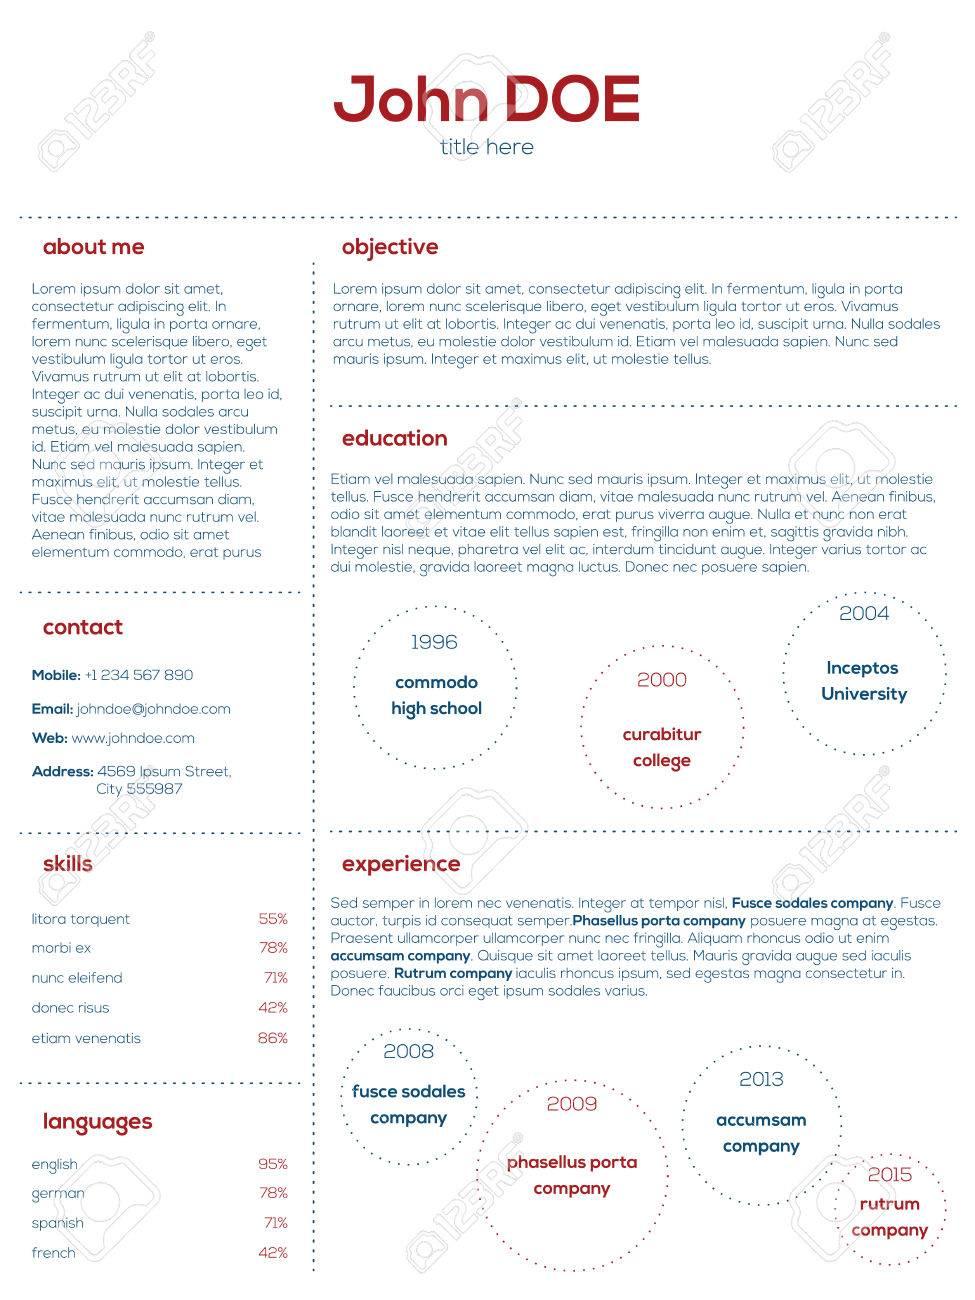 simplistic modern cv curriculum vitae cv design in blue and red simplistic modern cv curriculum vitae cv design in blue and red stock vector 40014617